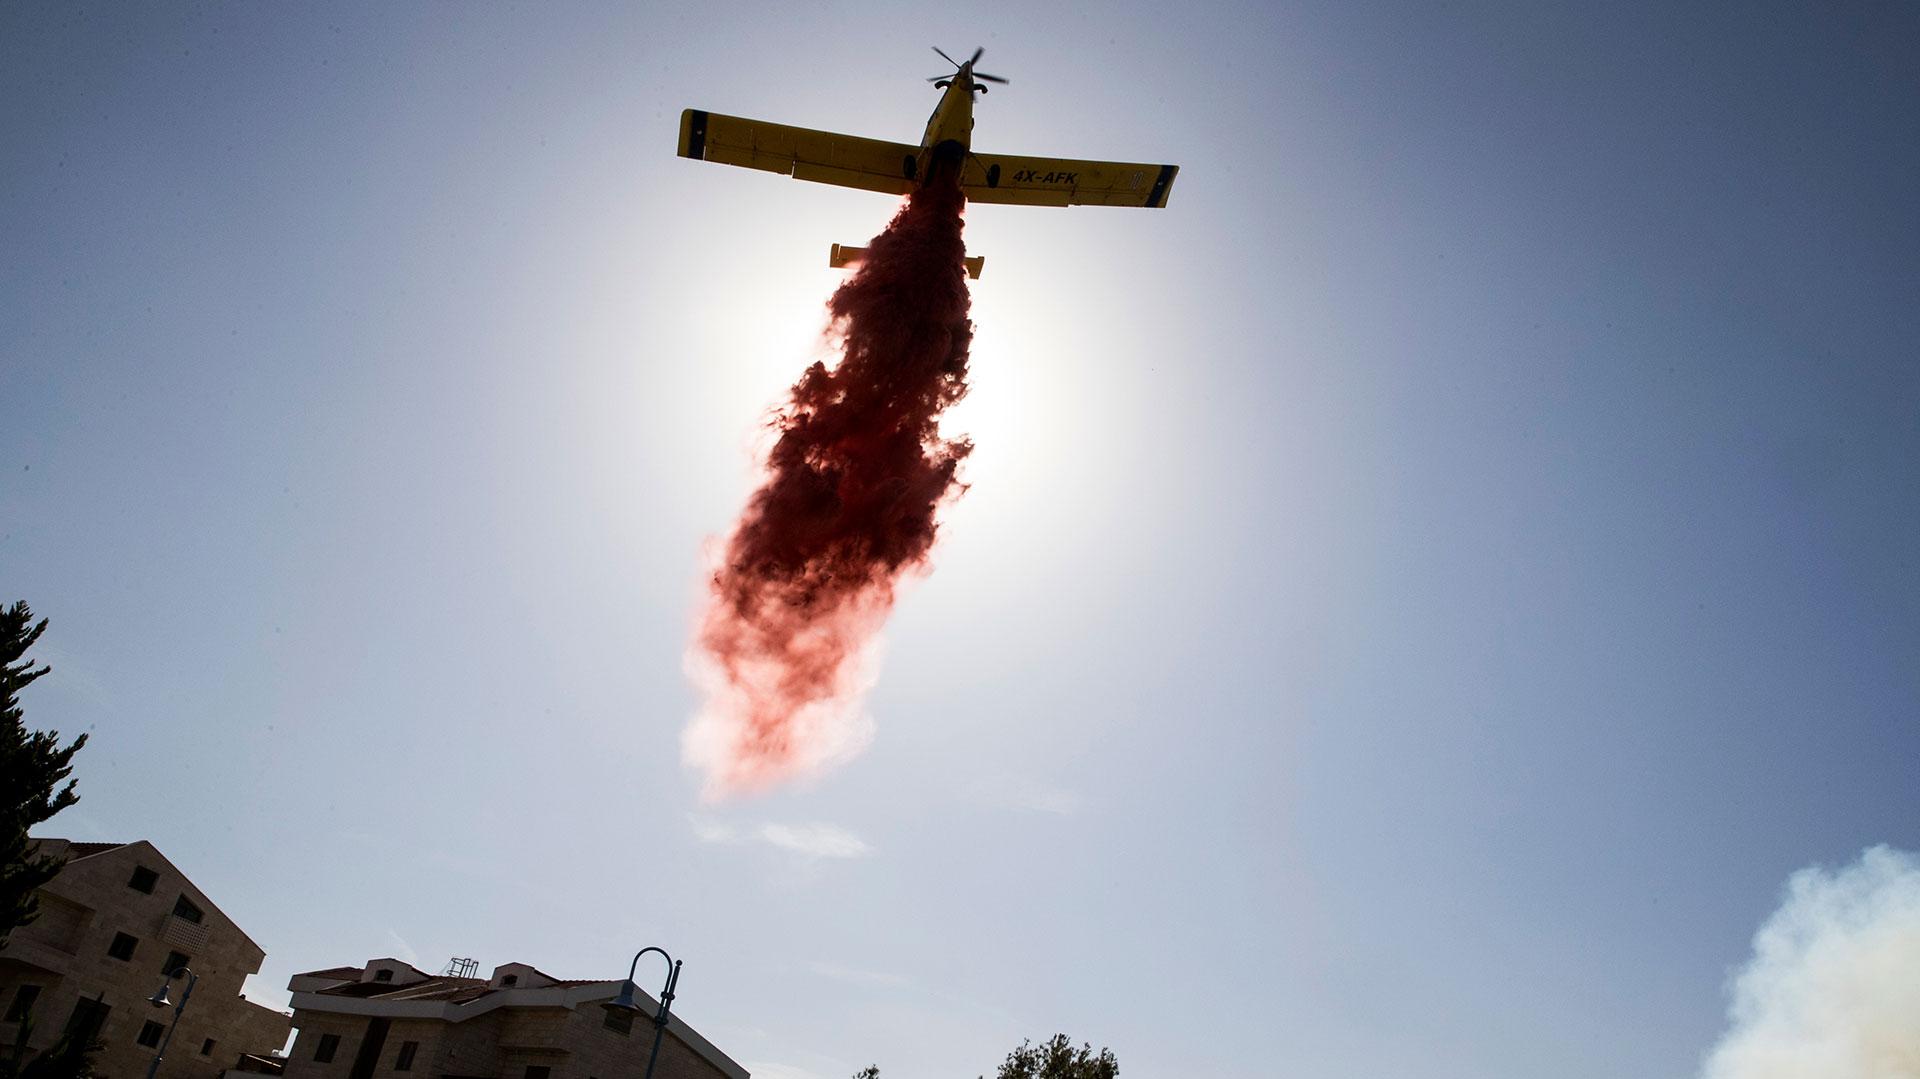 incendio-en-israel